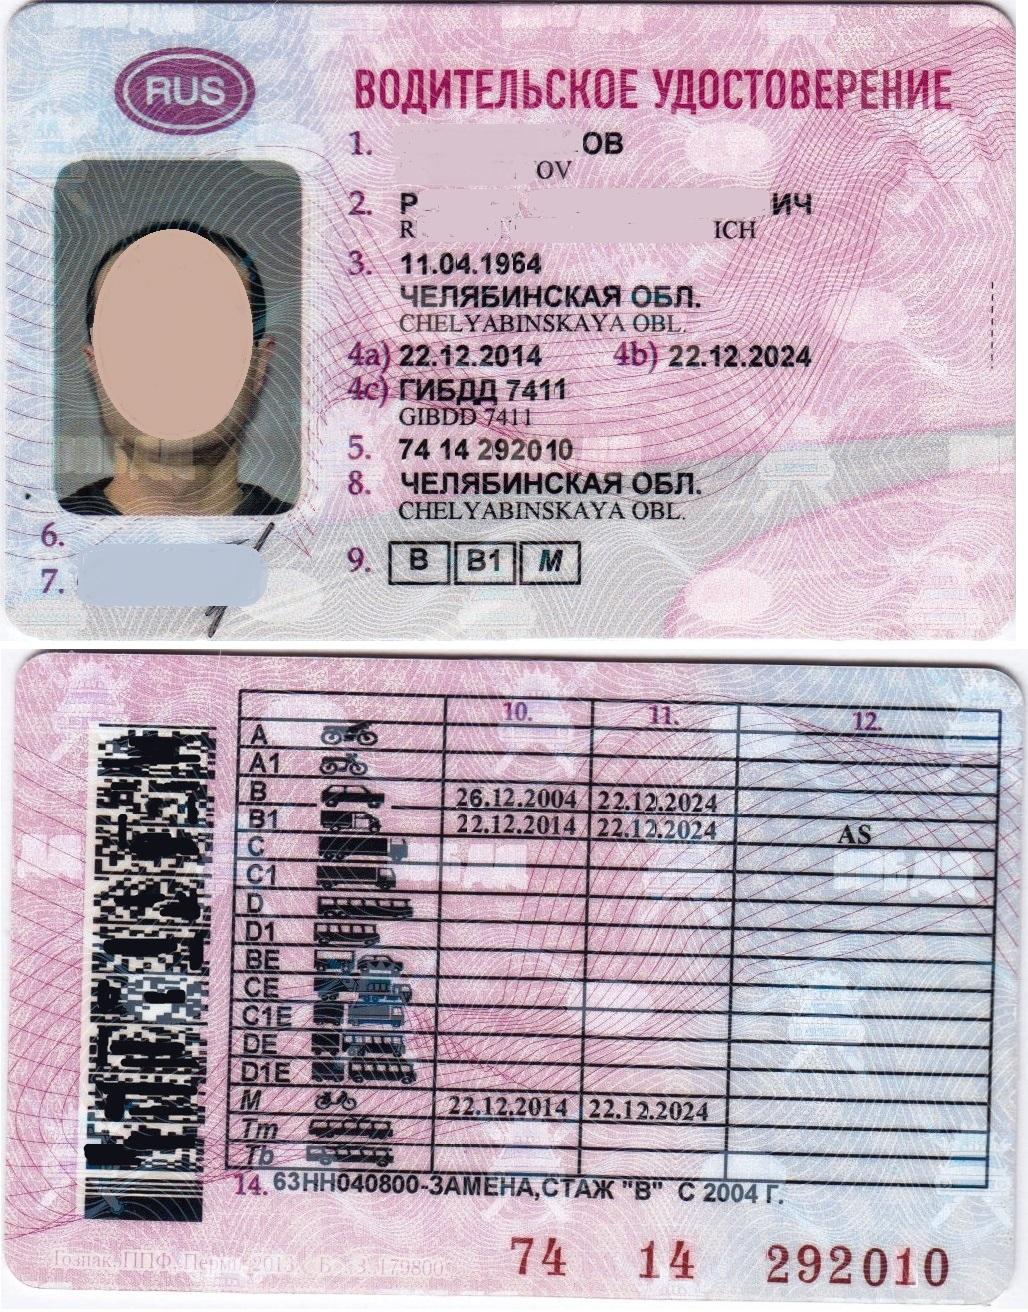 Образец водительского удостоверения